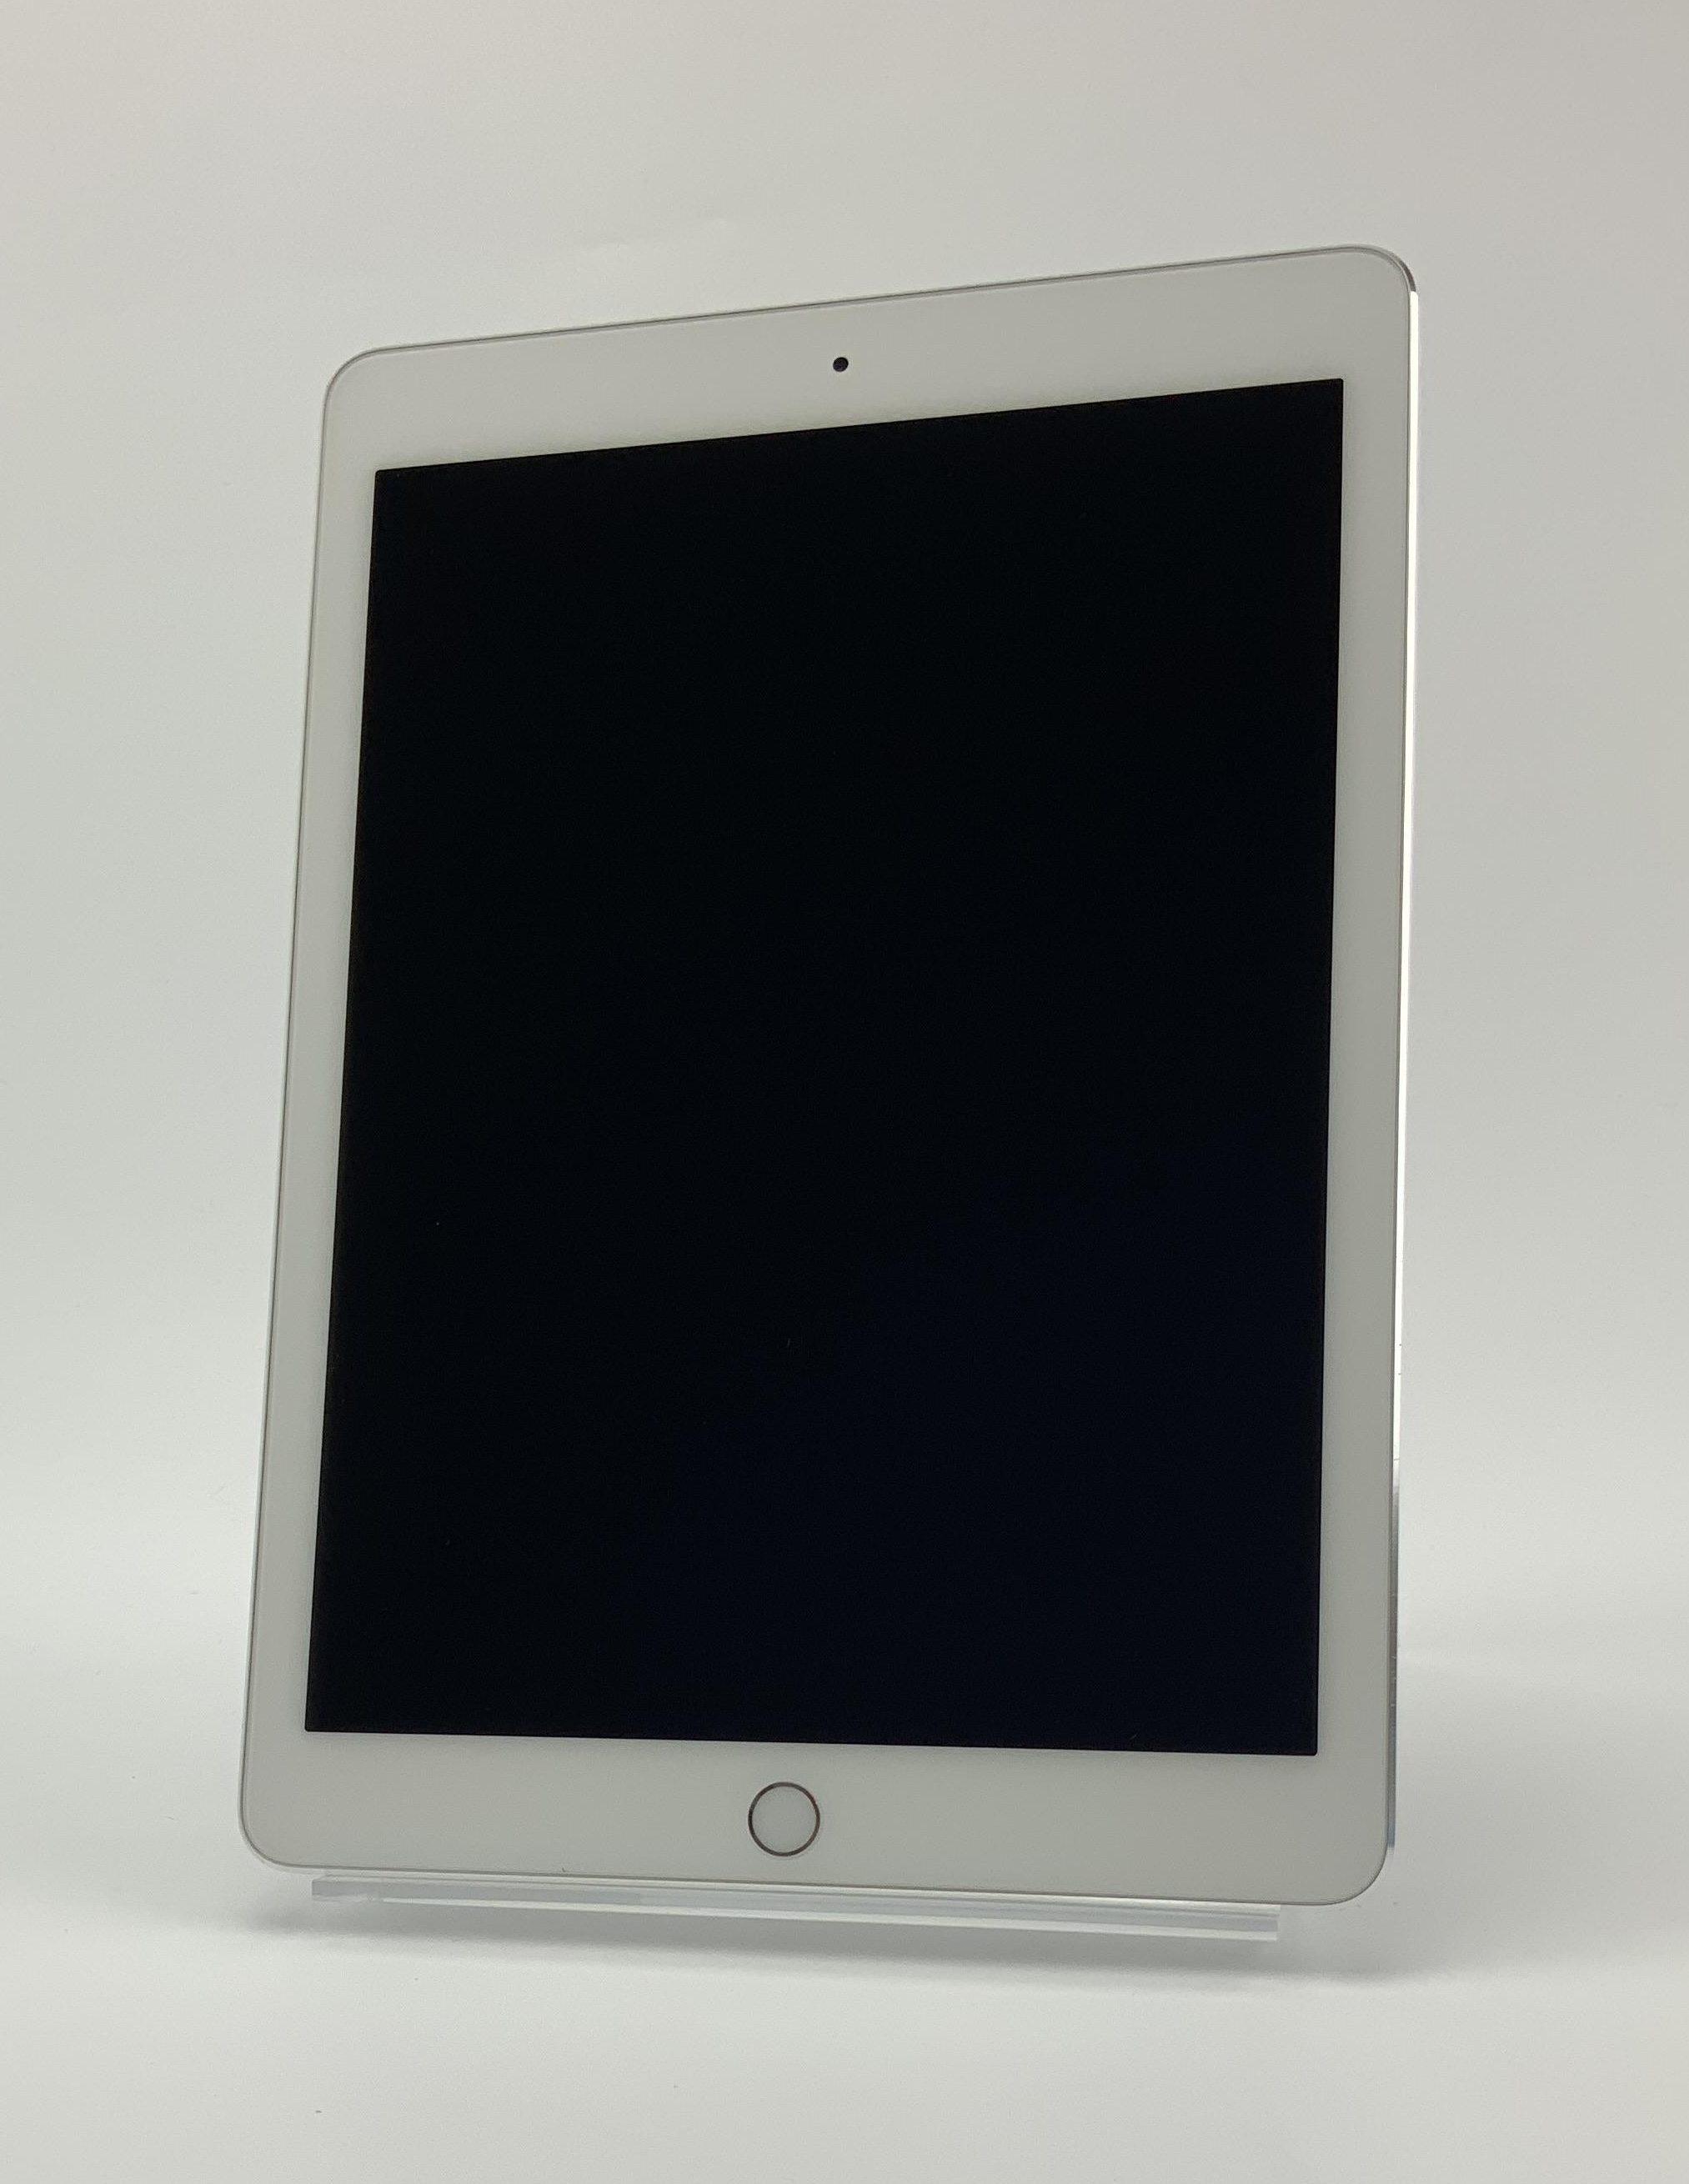 iPad Air 2 Wi-Fi 16GB, 16GB, Silver, bild 1